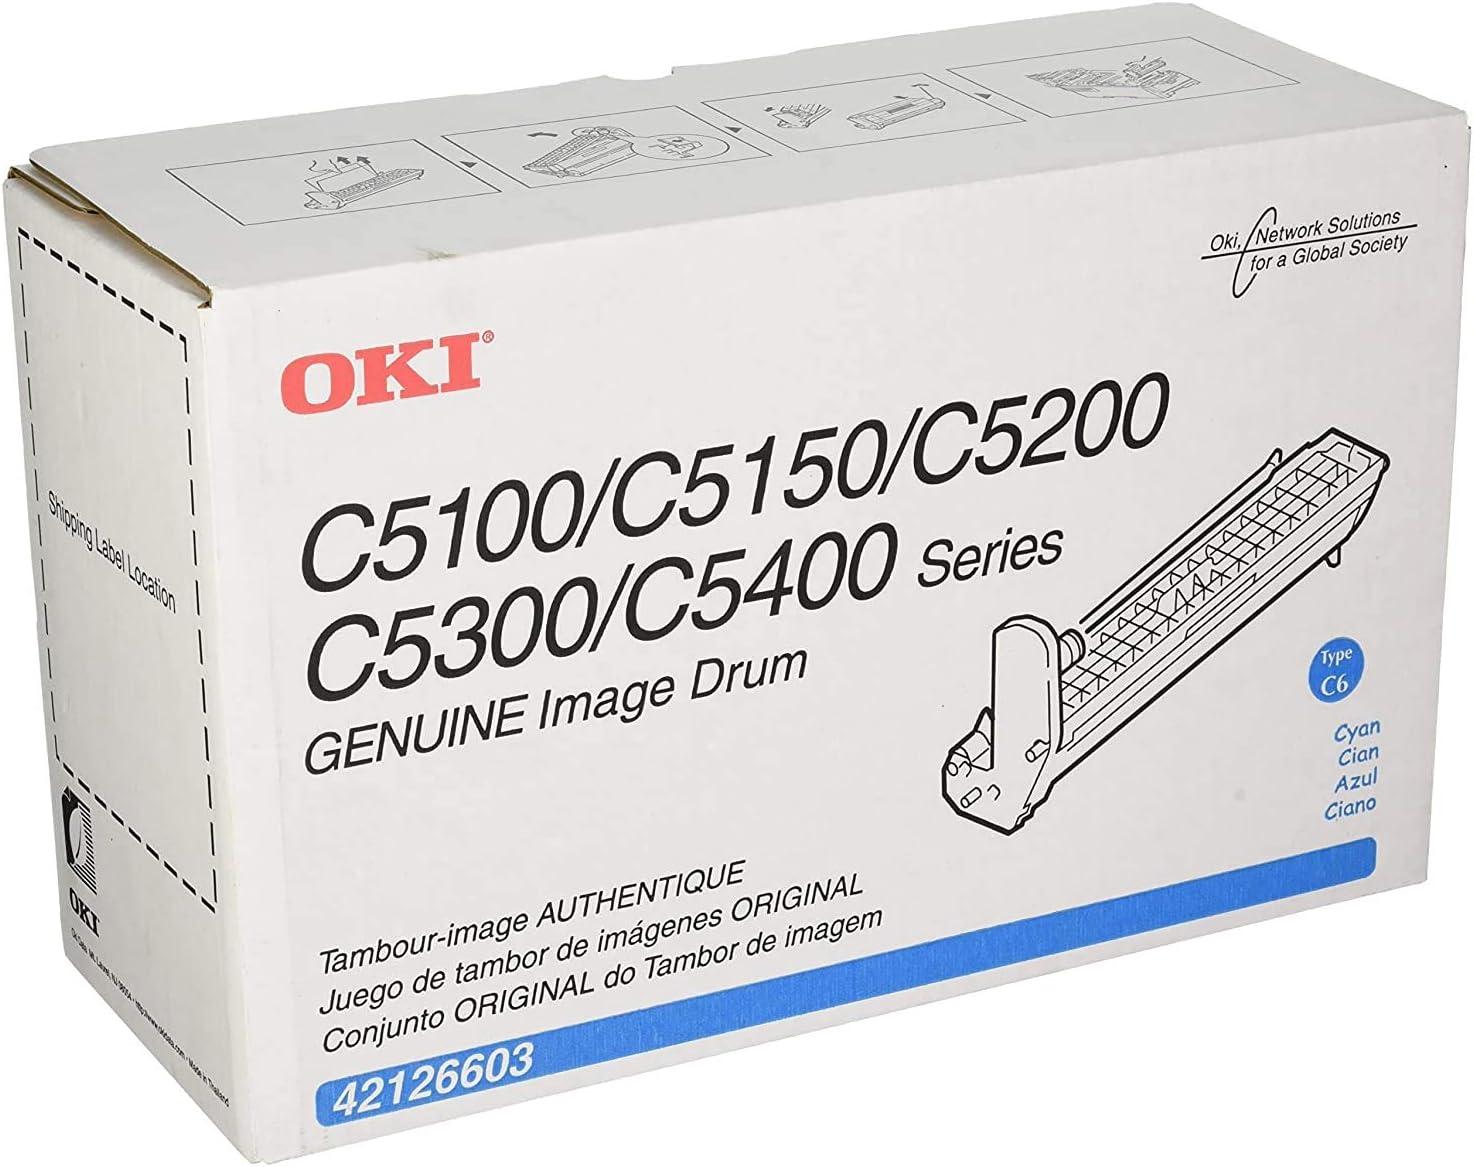 42126603 Genuine 42126603 C5100 C5150 C5200 C5300 C5400 C5510